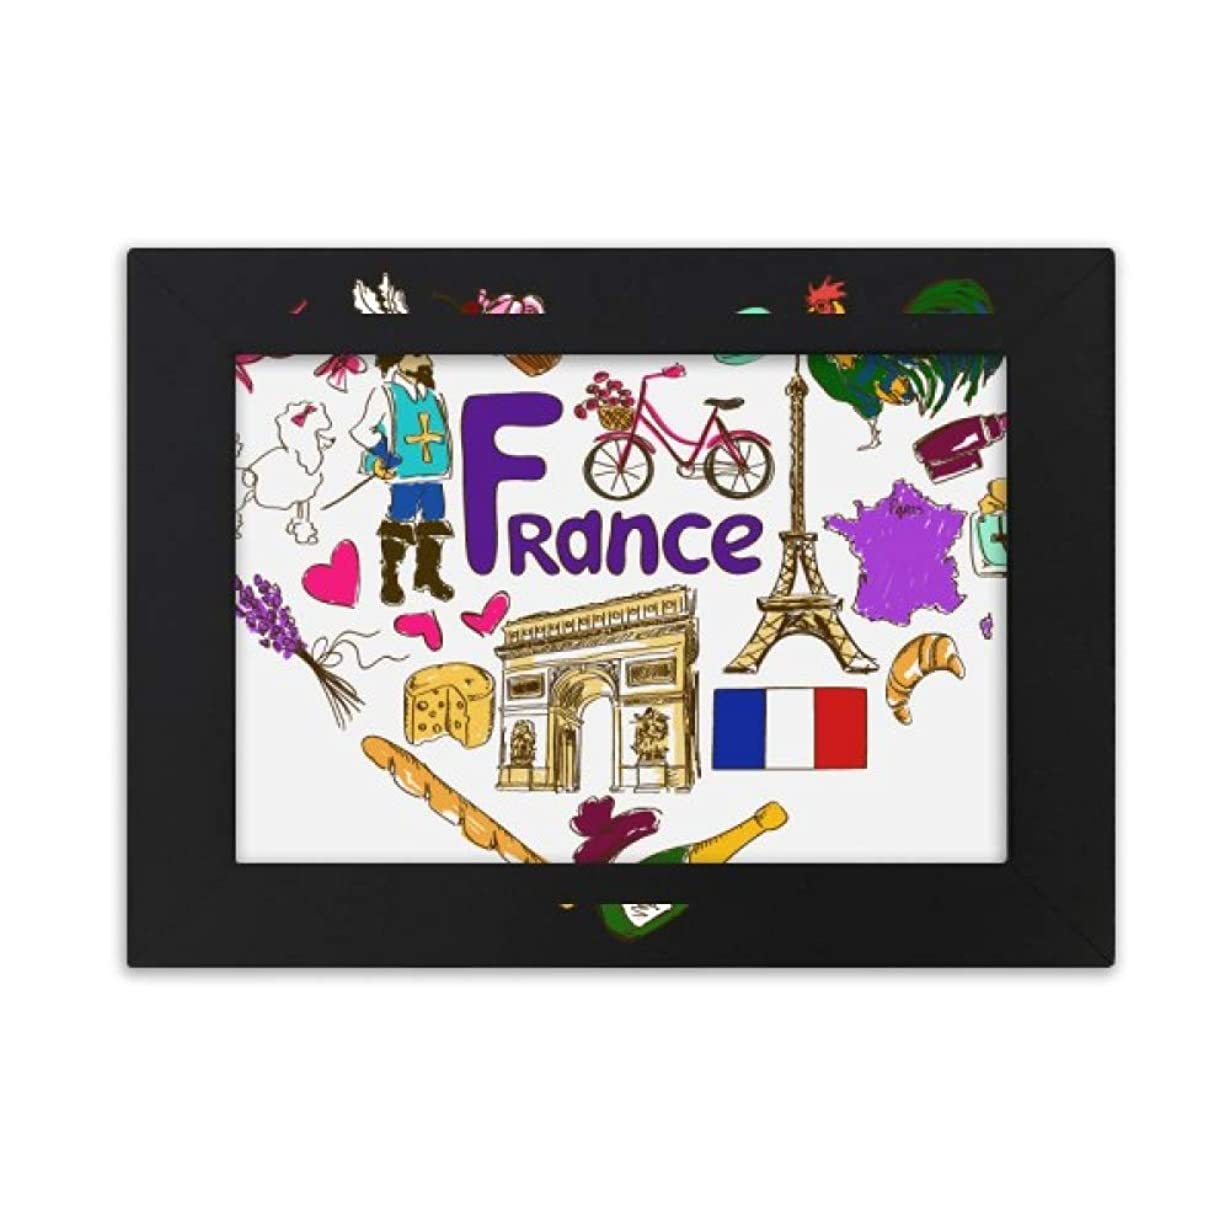 湿気の多いポットそよ風フランスの愛の心の風景の国旗 デスクトップフォトフレーム画像ブラックは、芸術絵画7 x 9インチ